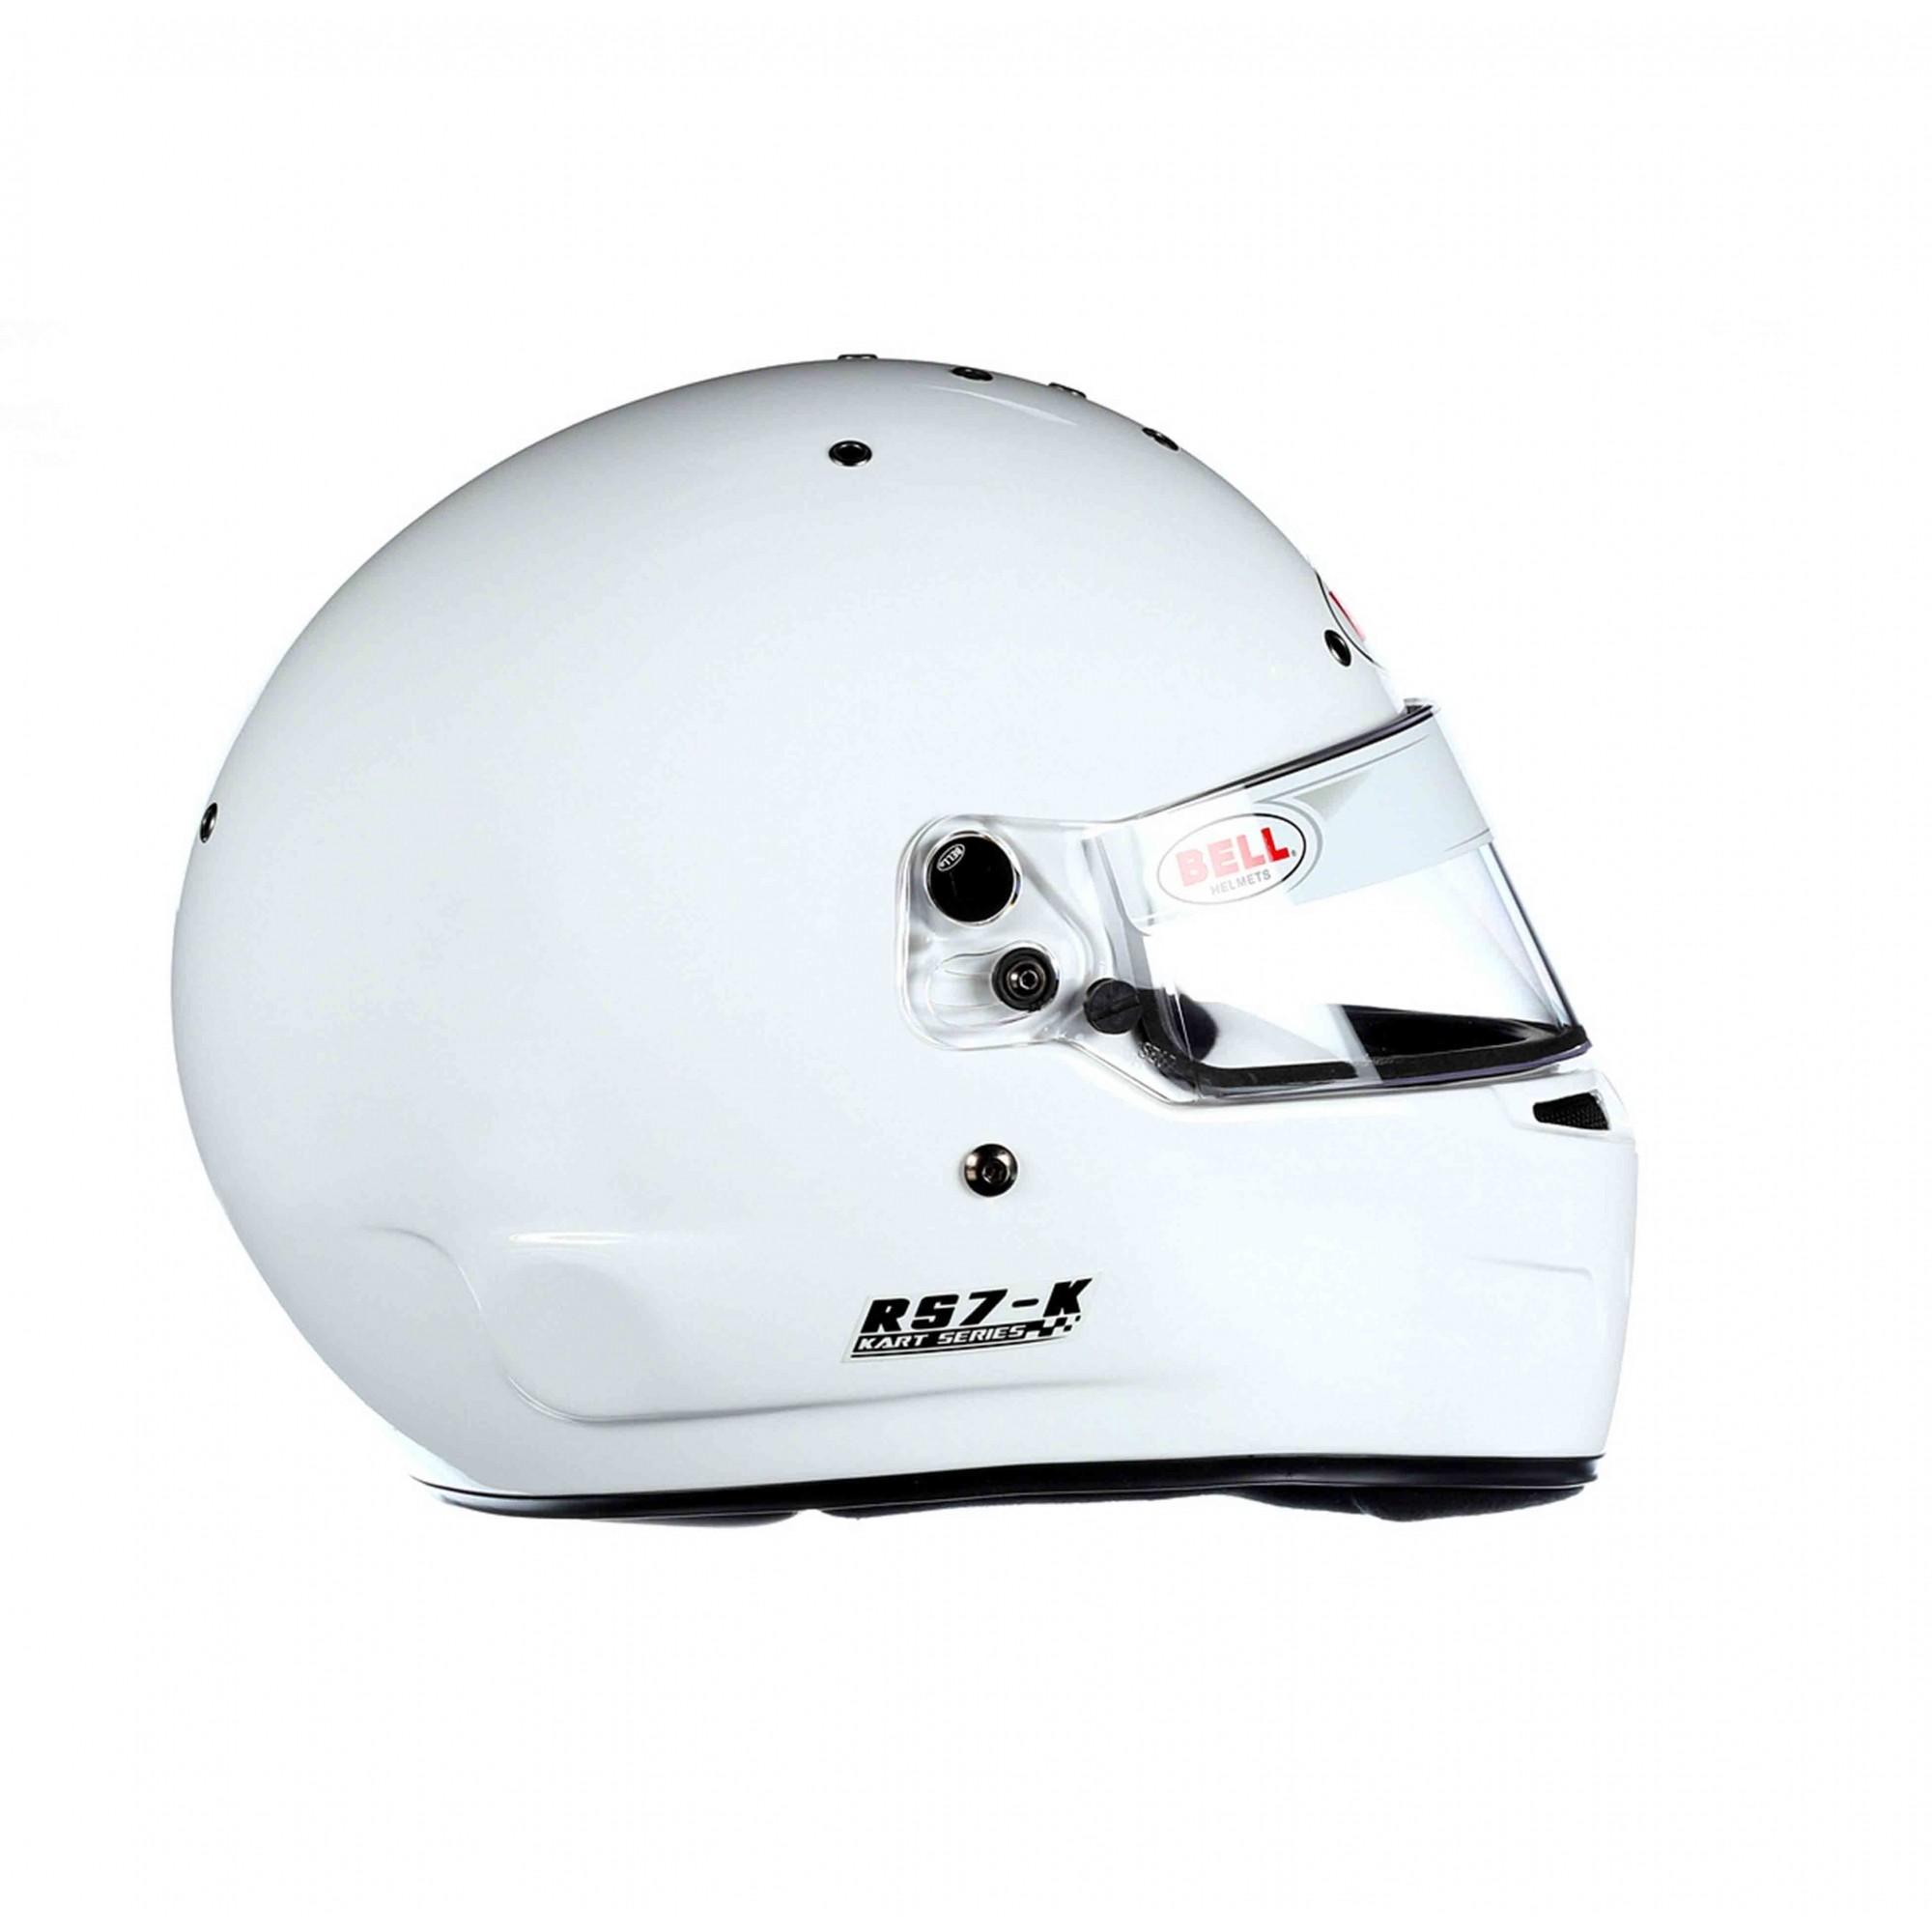 1310-CAPACETE BELL | RS7-K